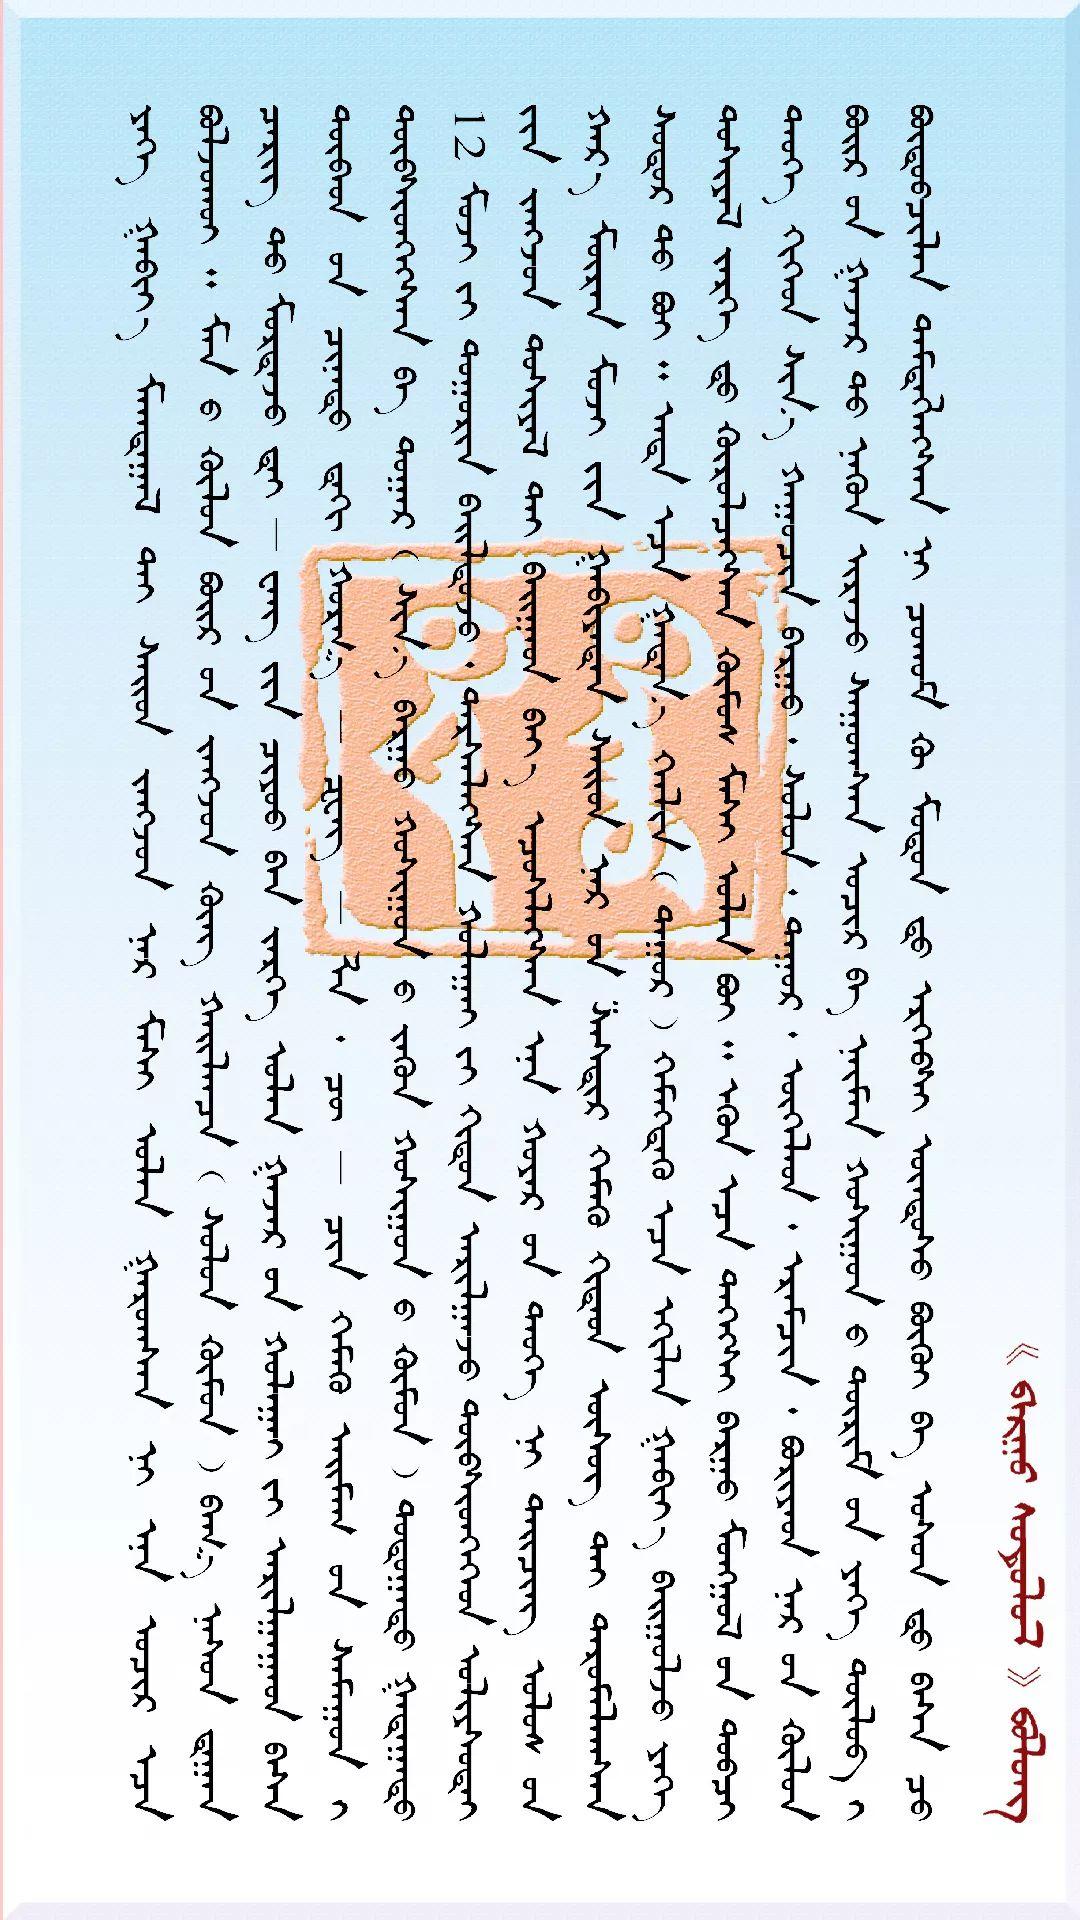 巴尔虎研究【第四期】 第13张 巴尔虎研究【第四期】 蒙古文化